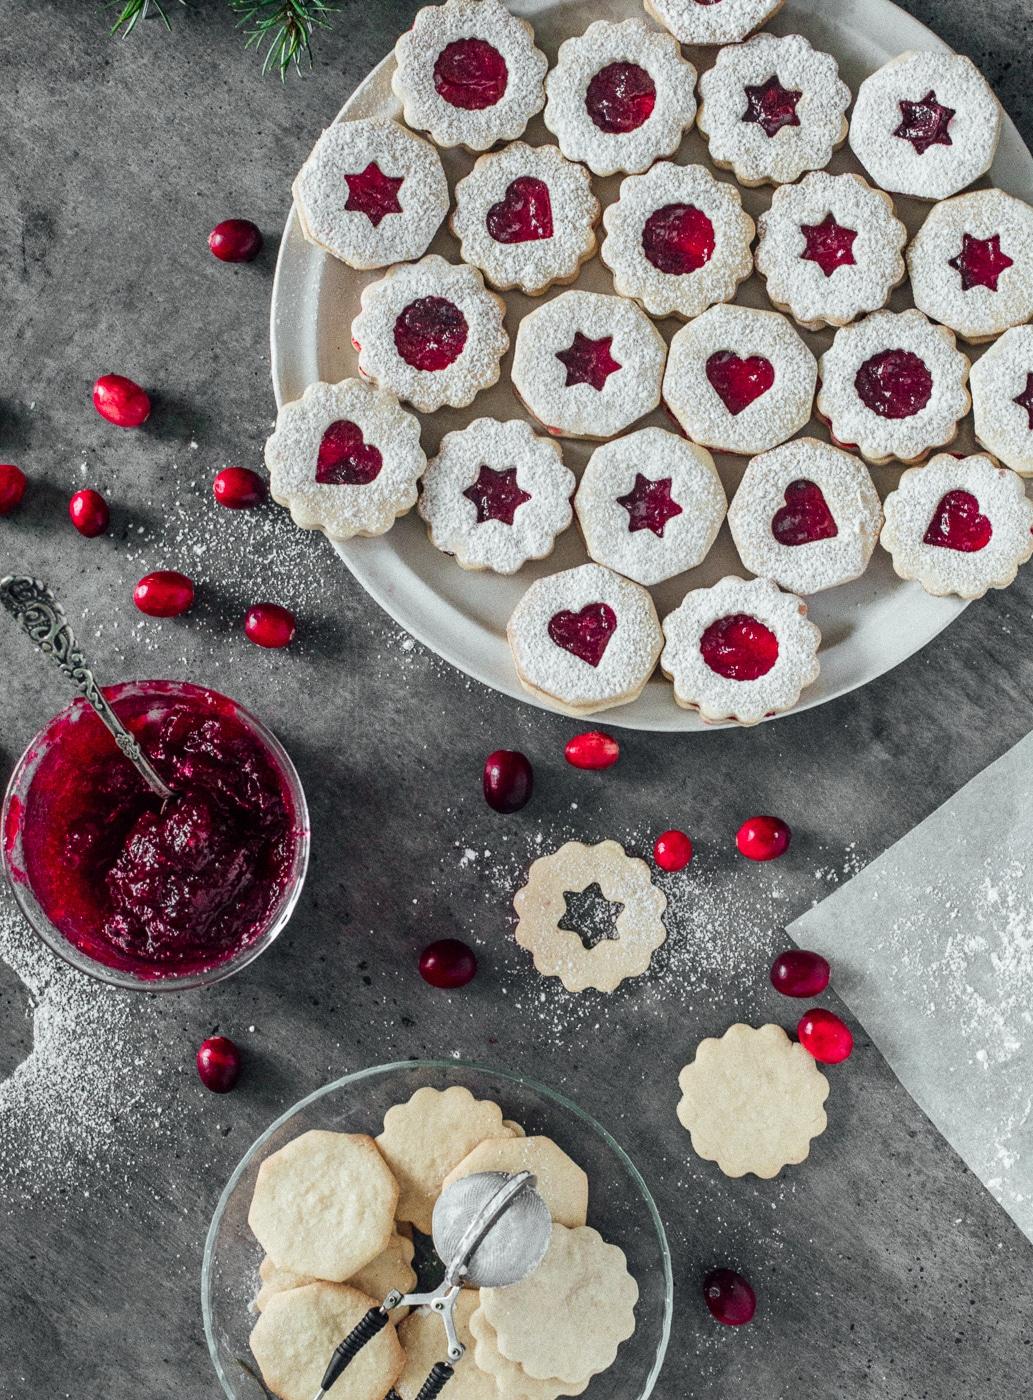 julesmåkager, småkagedej, hjemmelavet tranebær marmelade